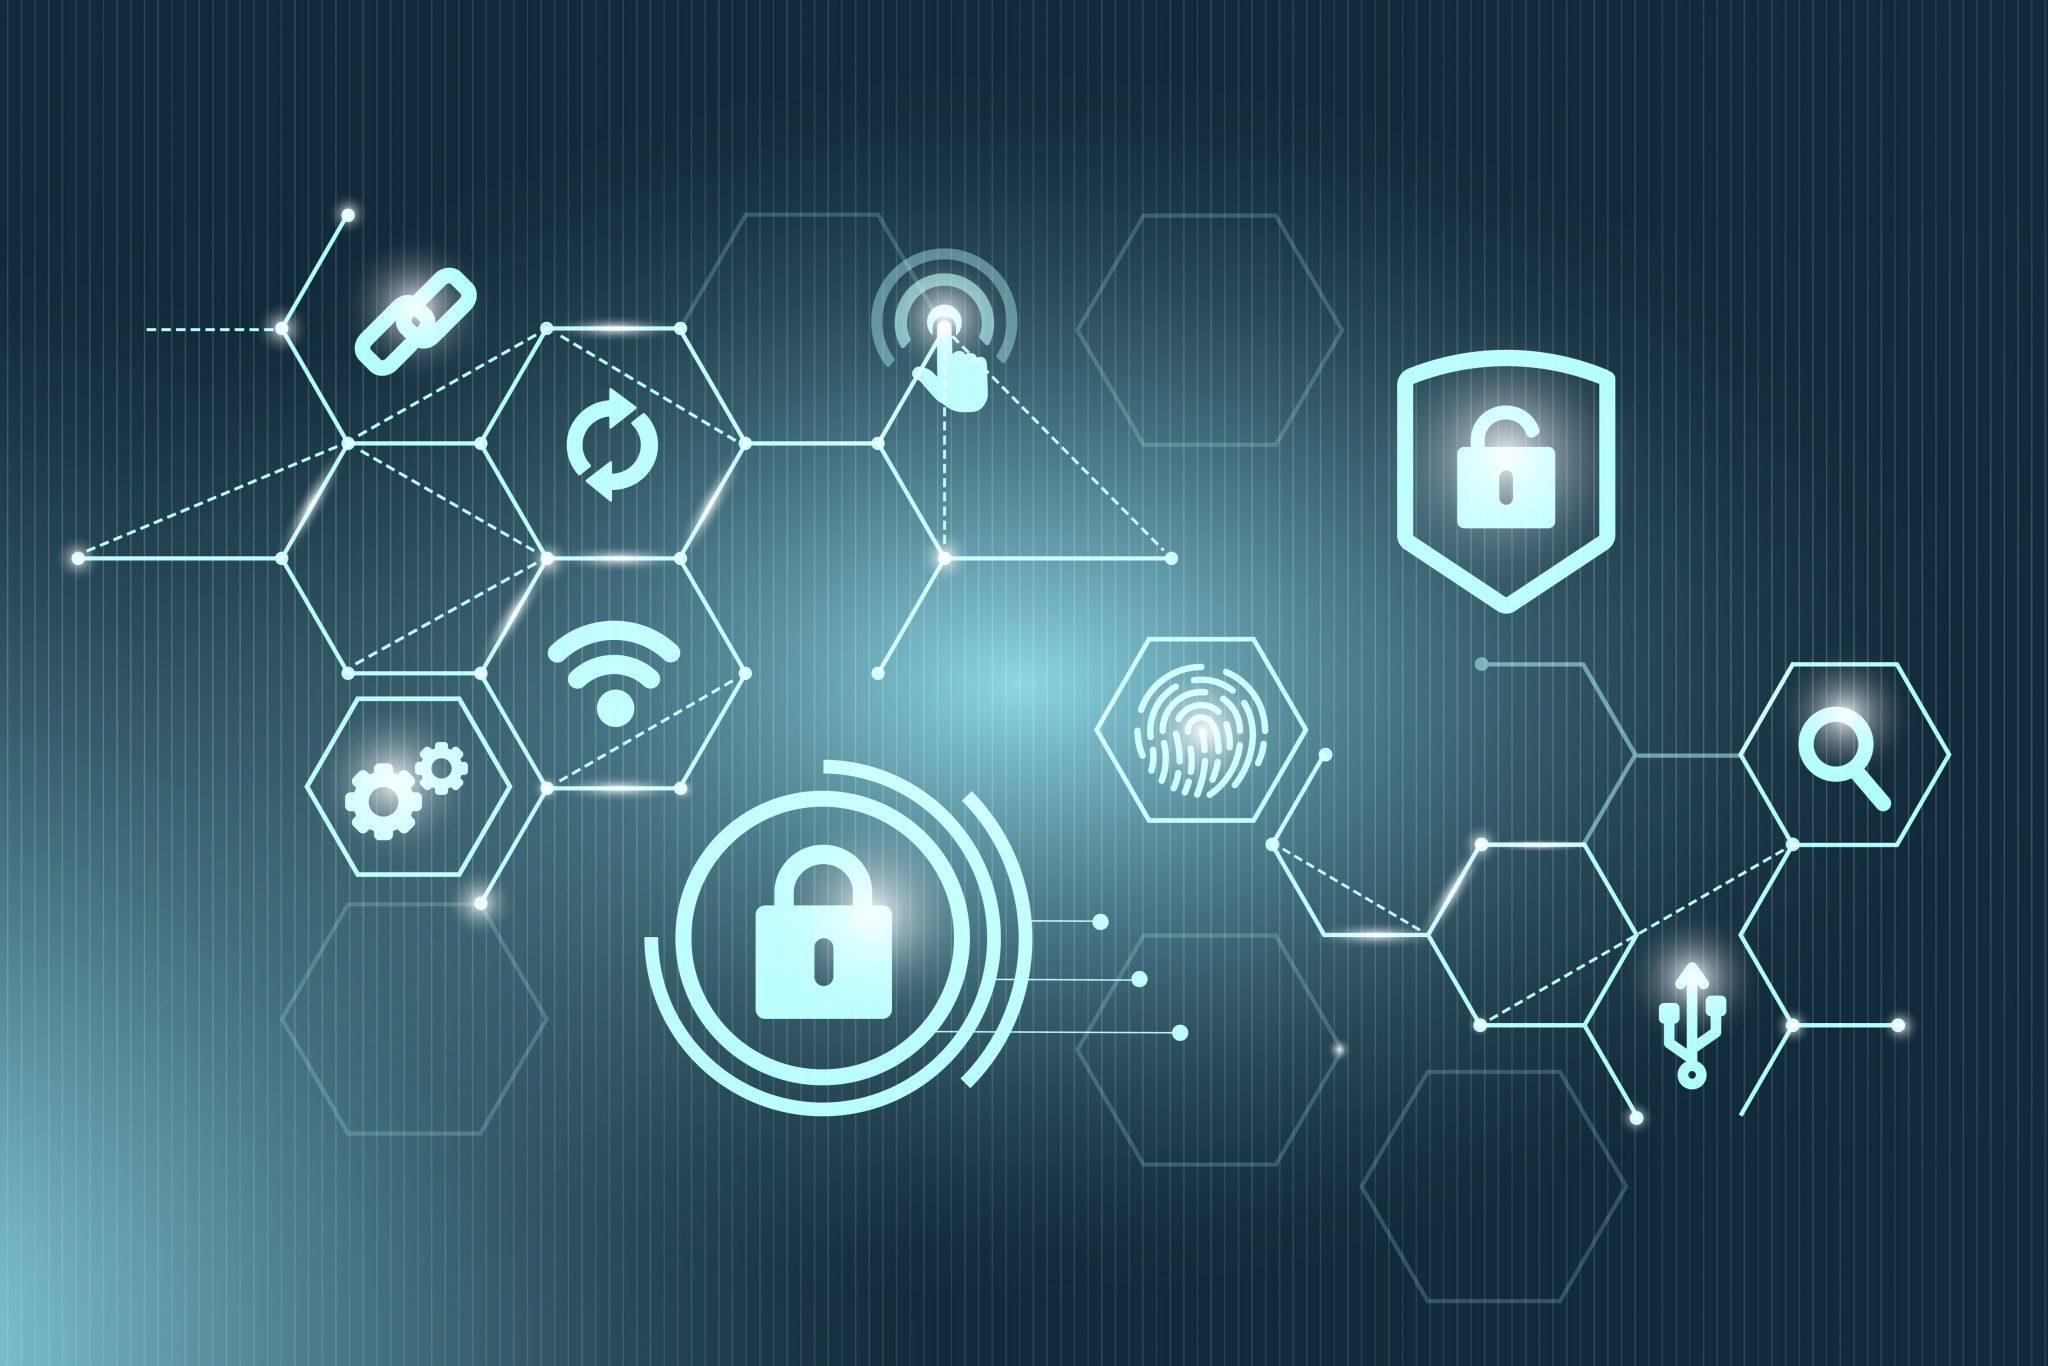 Les évolutions technologiques au service des agents immobiliers en 2021